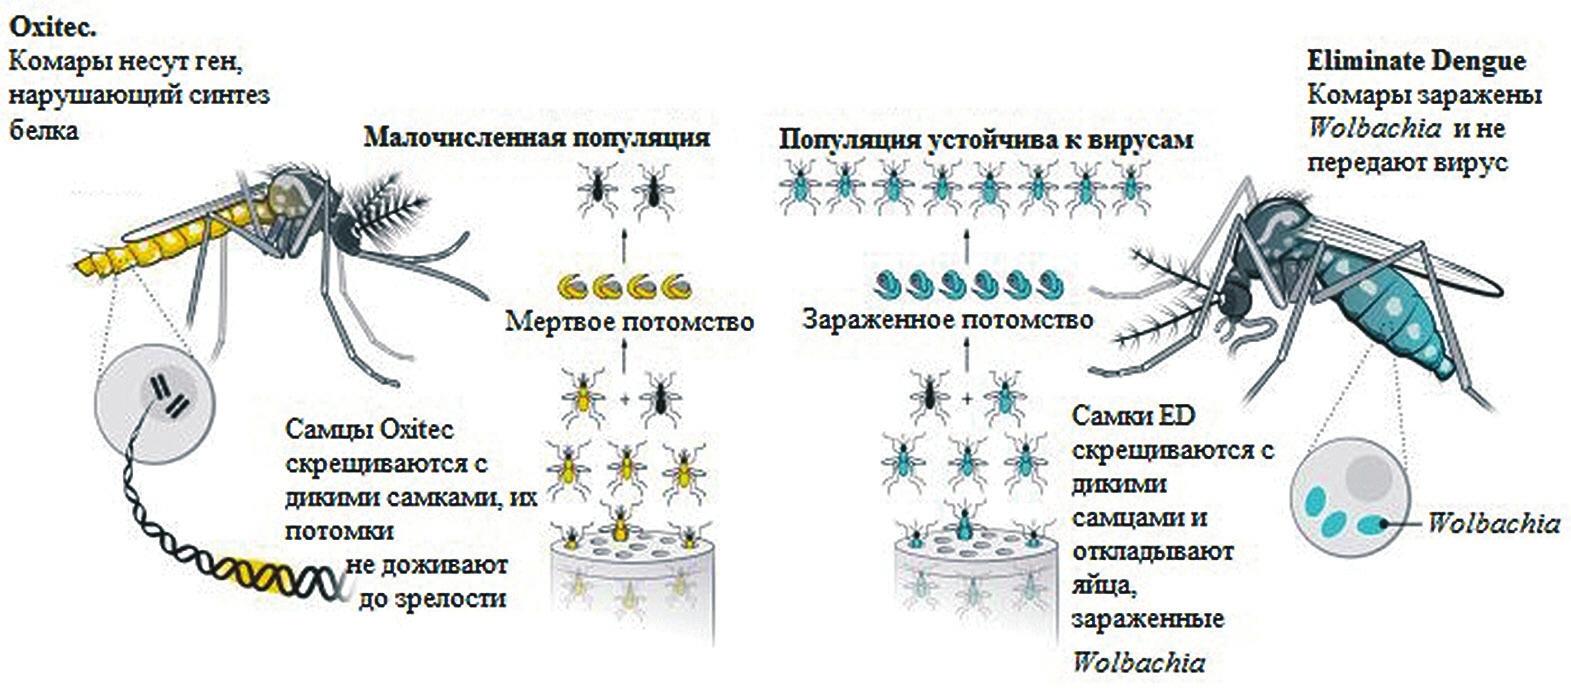 Сравнение программ Oxitec и Eliminate Dengue (www.sciencemag.org)